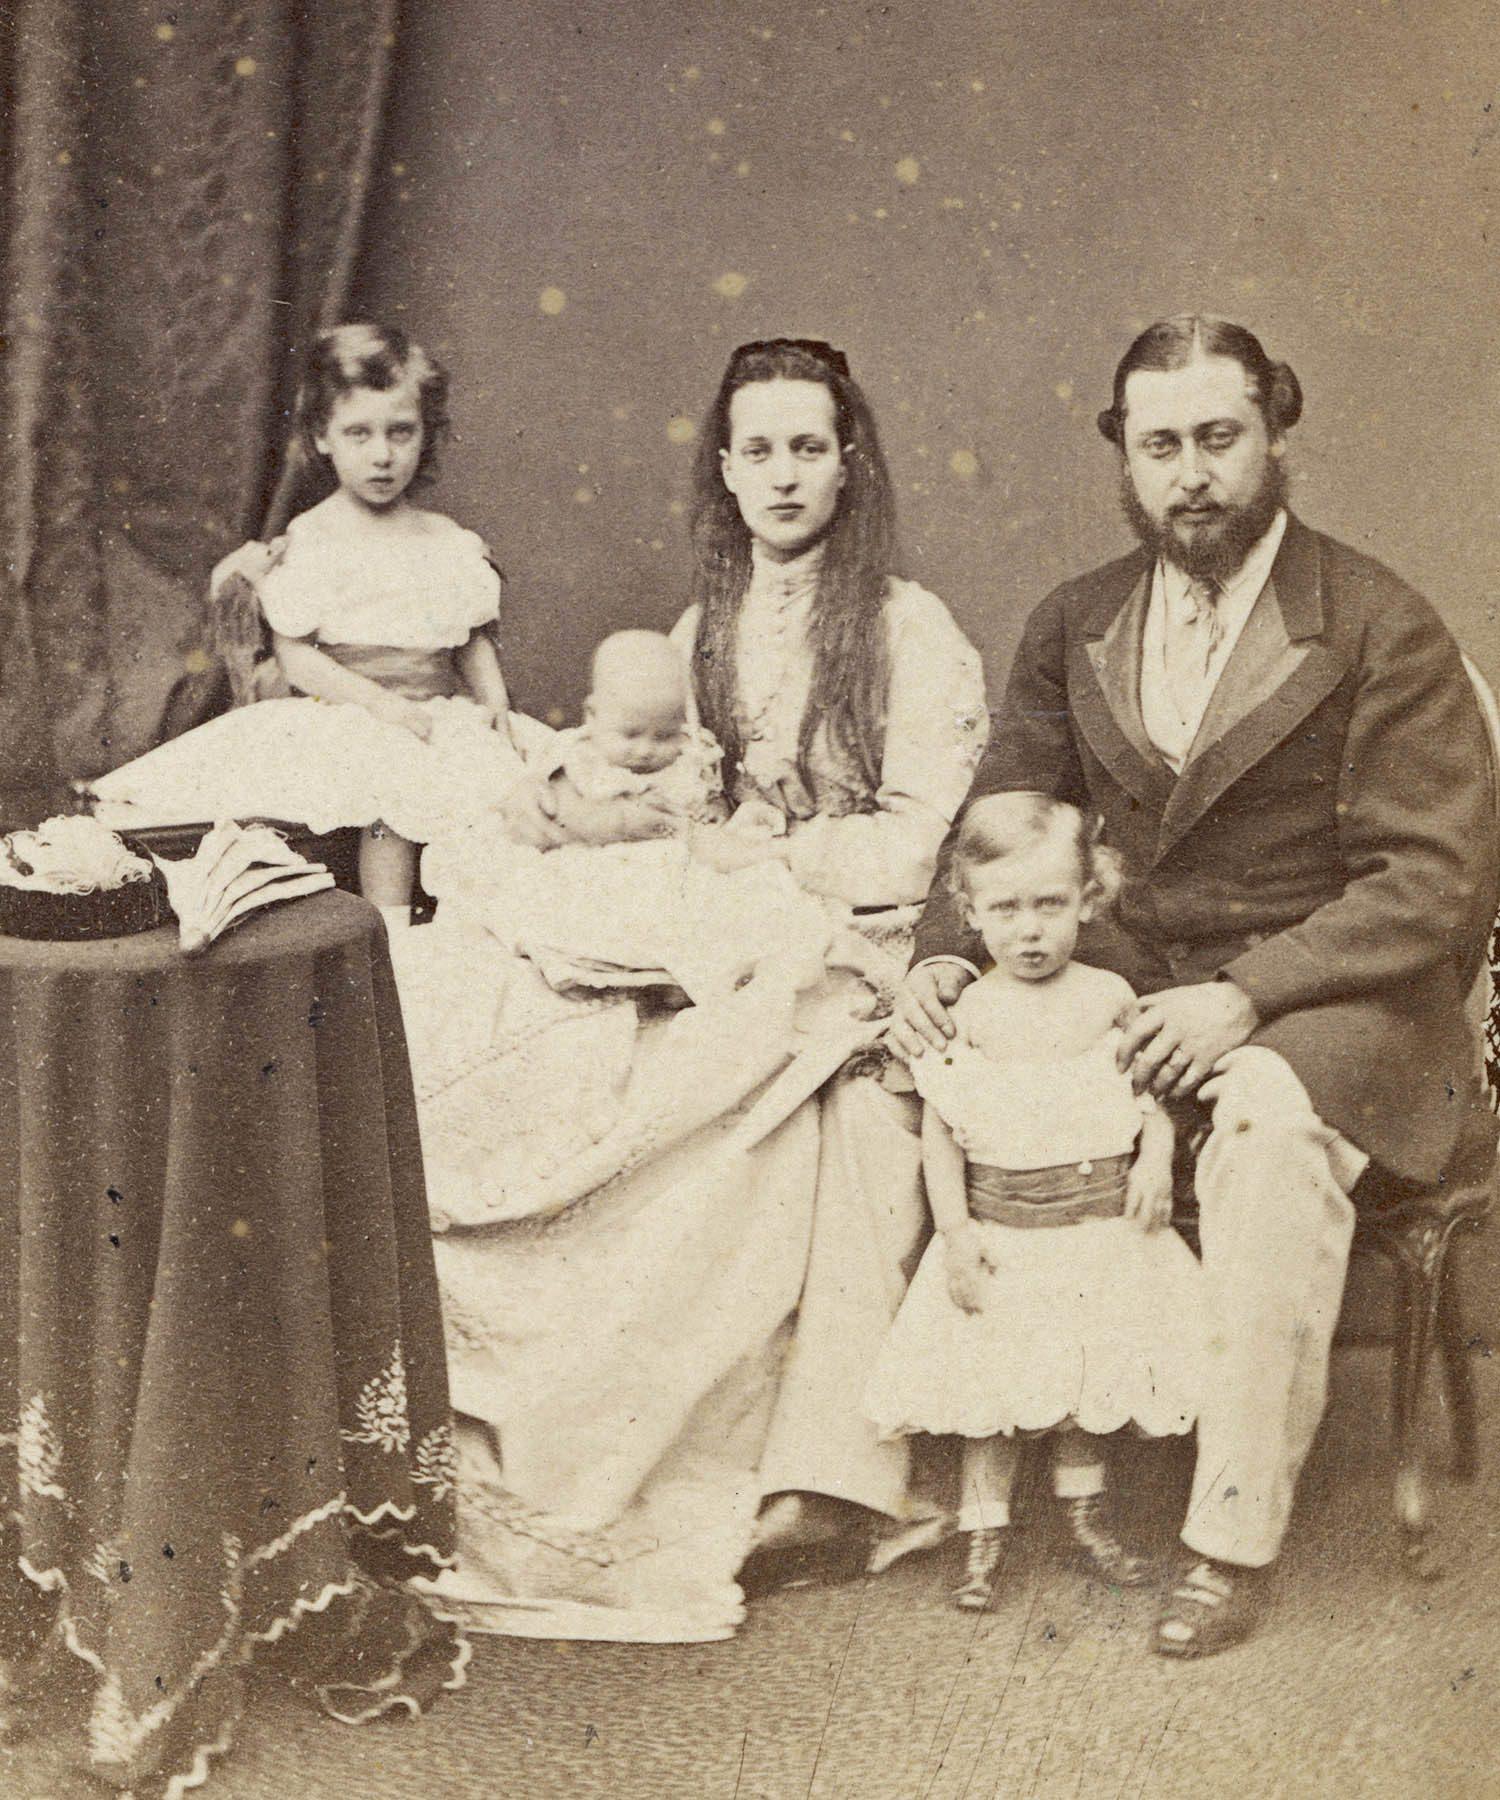 Famille royale : photo d'Édouard VII avant d'être roi.